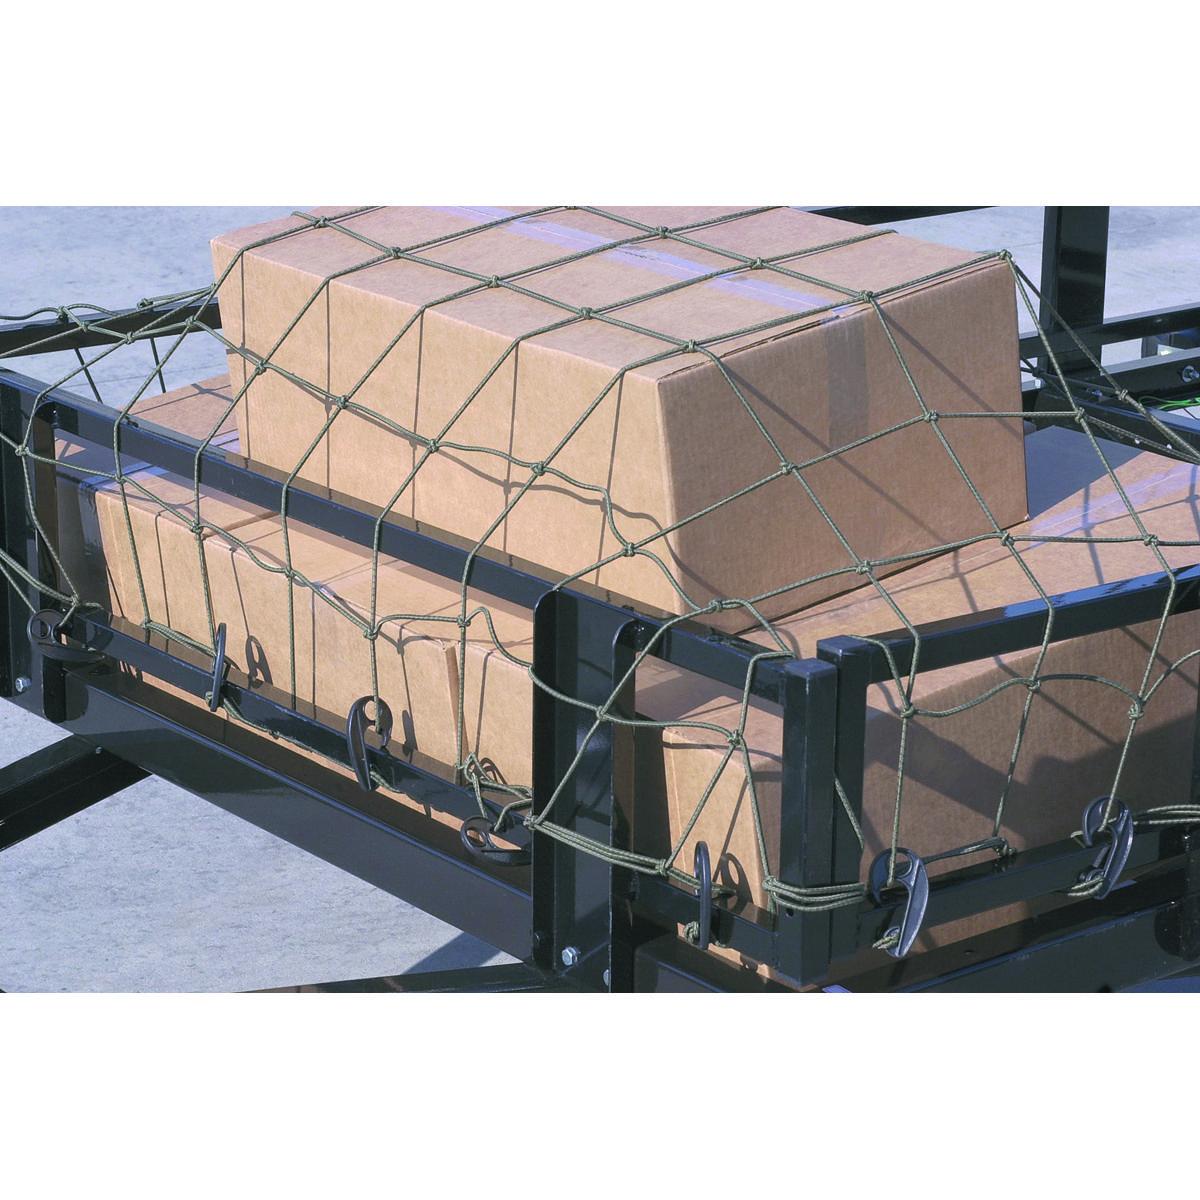 Harbor Freight Cargo Net Cargo Carriers Heavy Duty Cargo Net